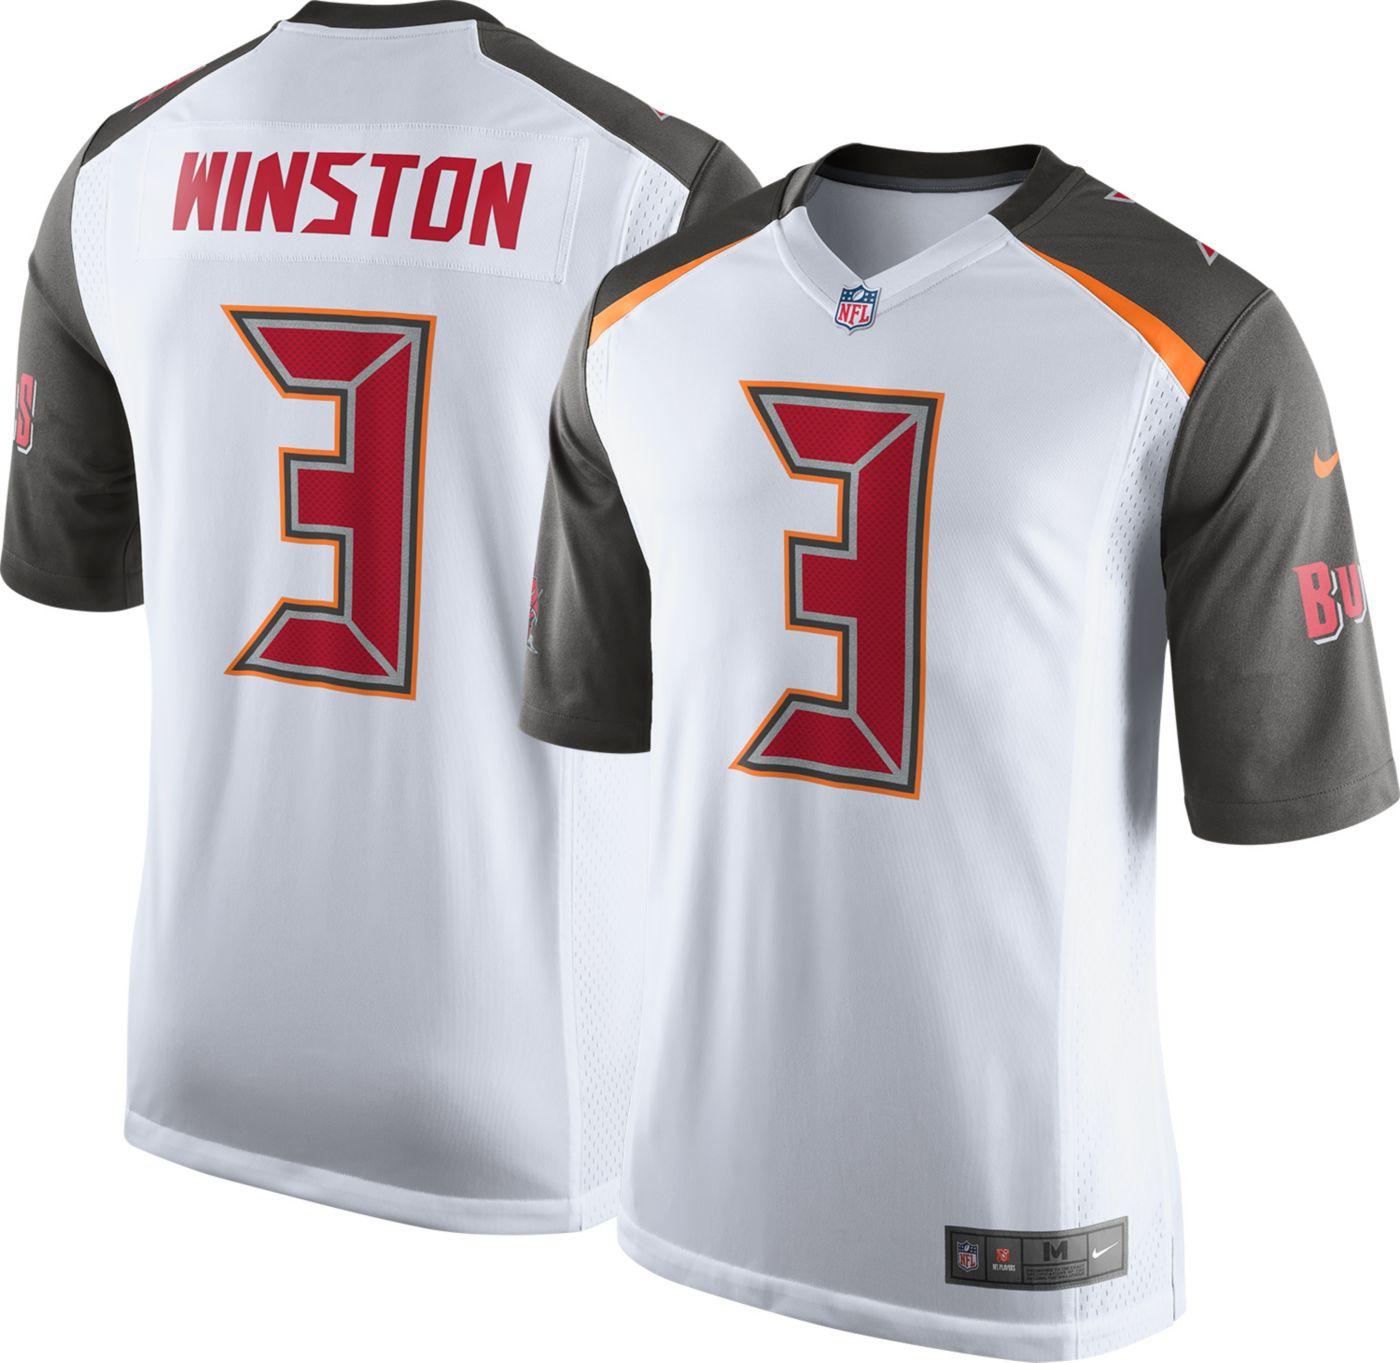 Nike Men's Away Game Jersey Tampa Bay Buccaneers Jameis Winston #3